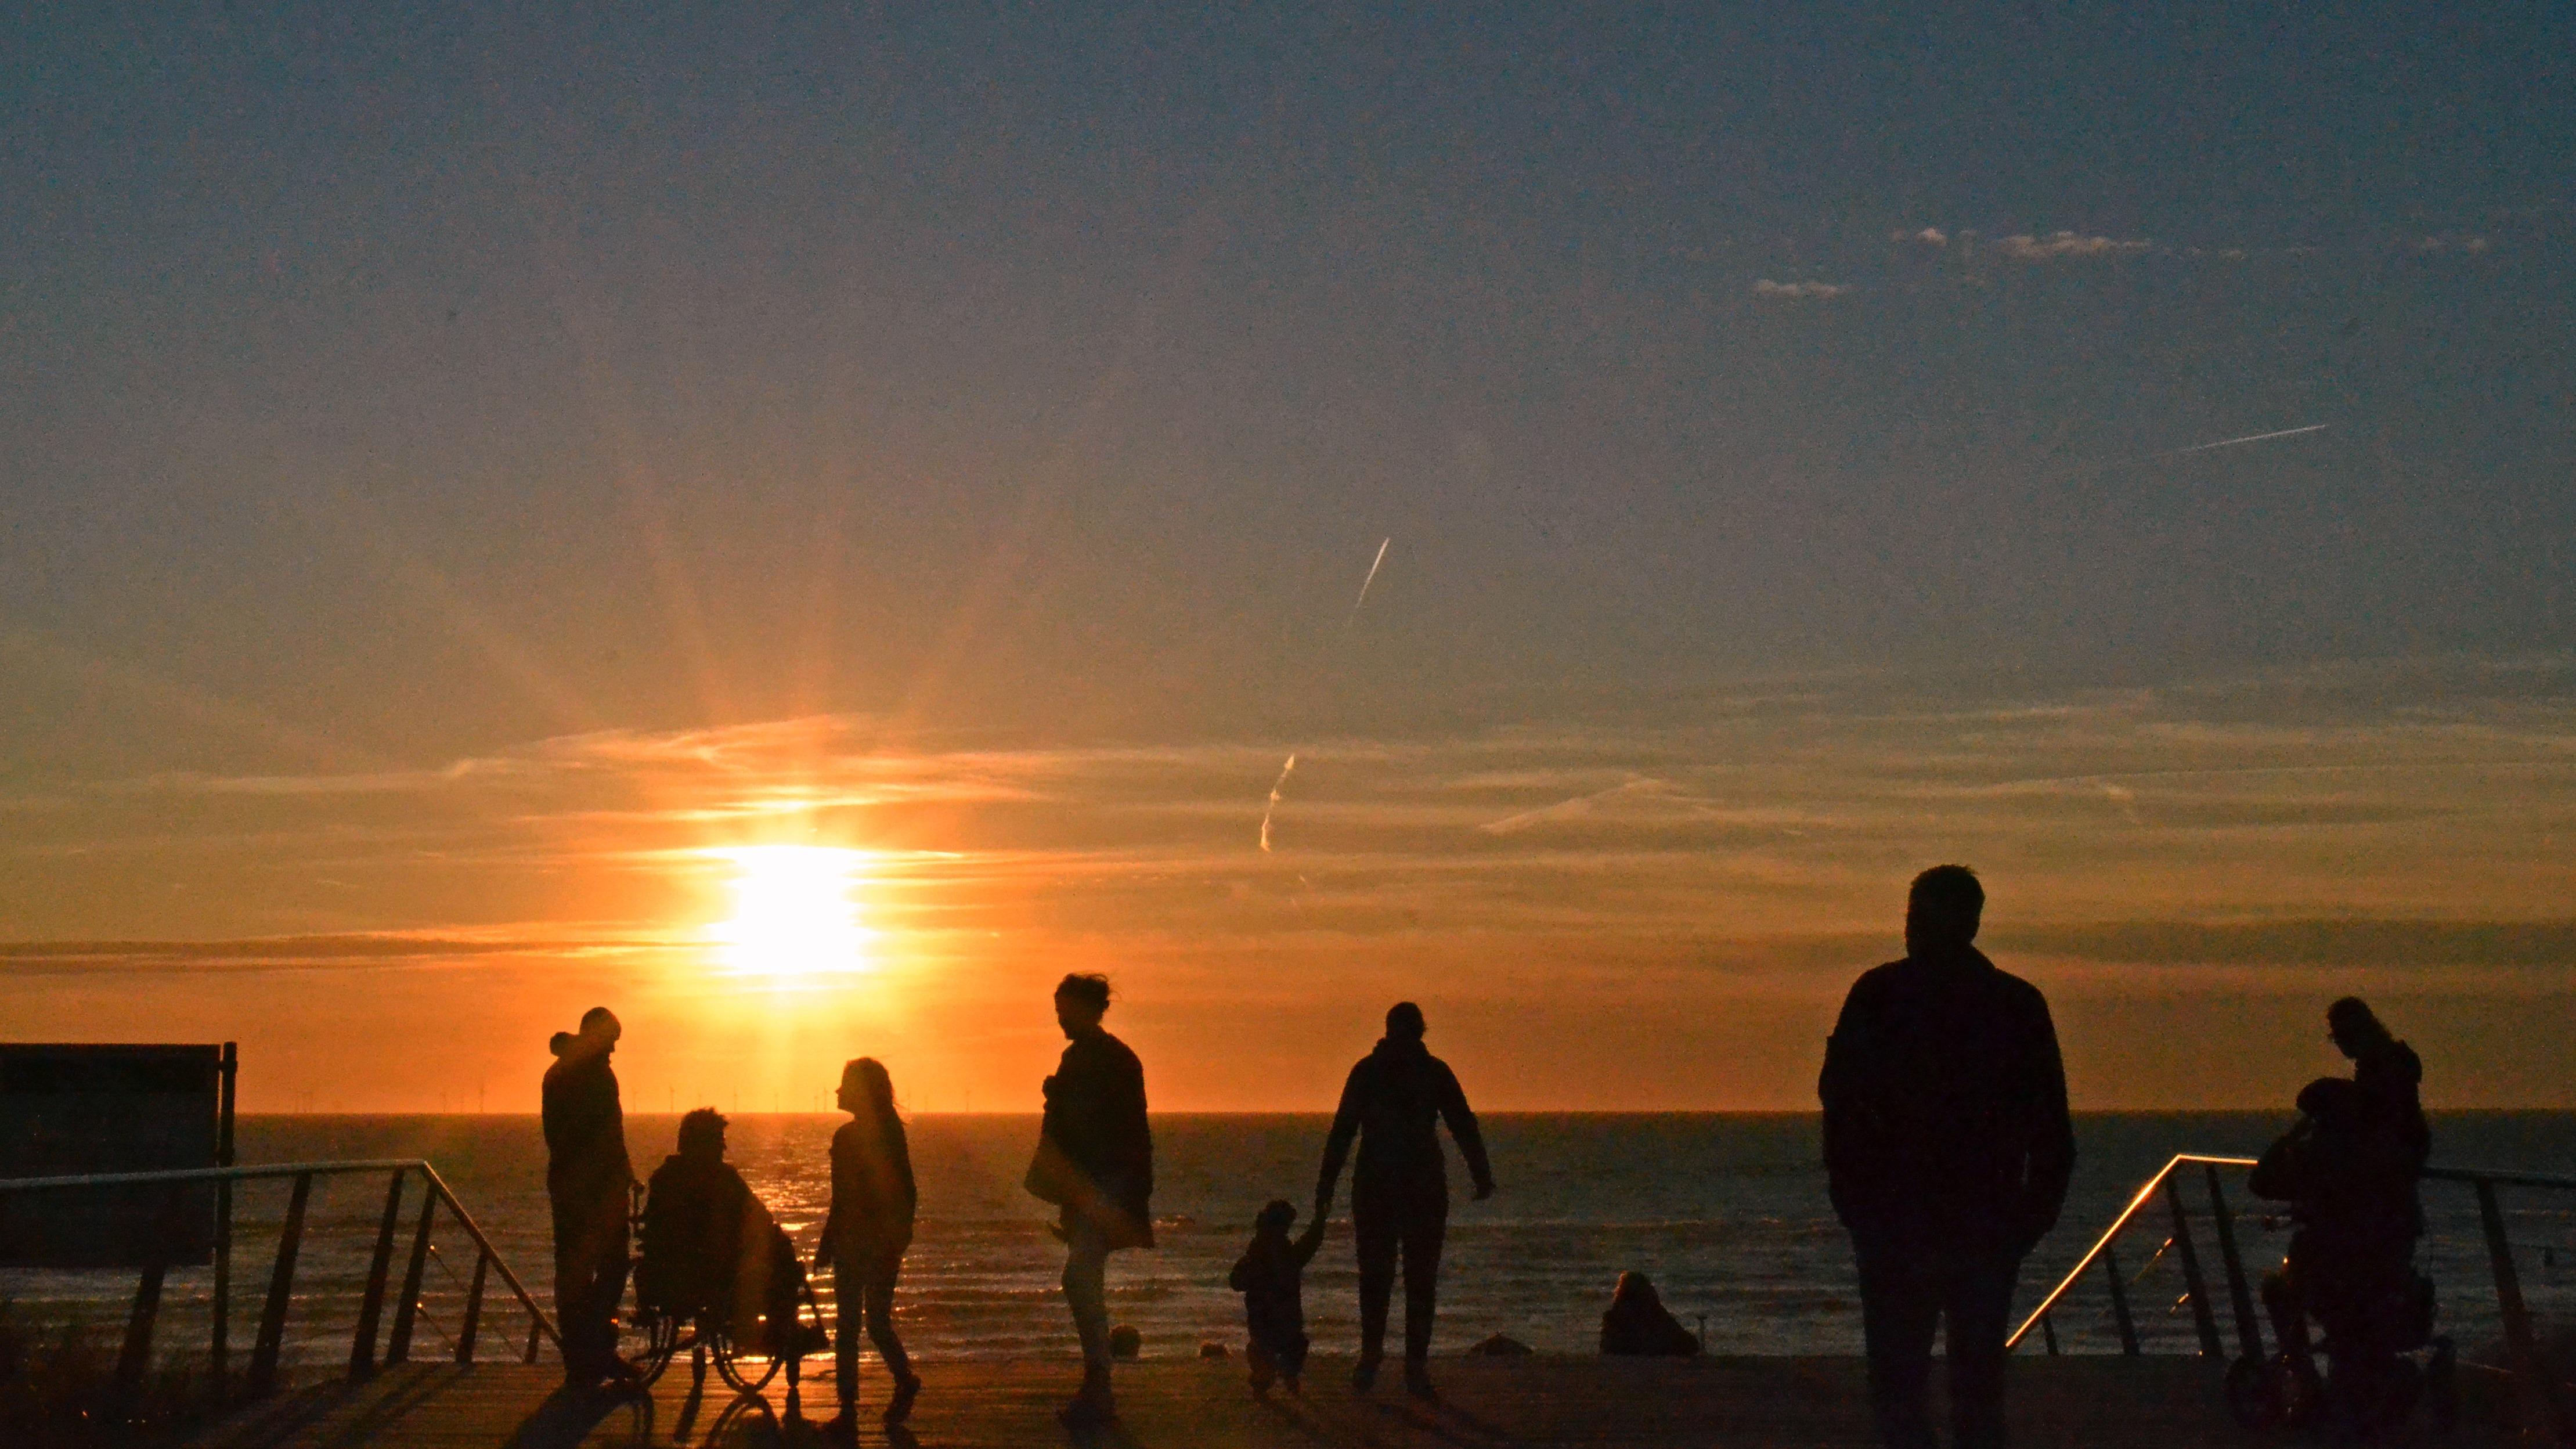 Stralende zonsondergang in Egmond aan Zee (Foto: Sjef Kenniphaas)